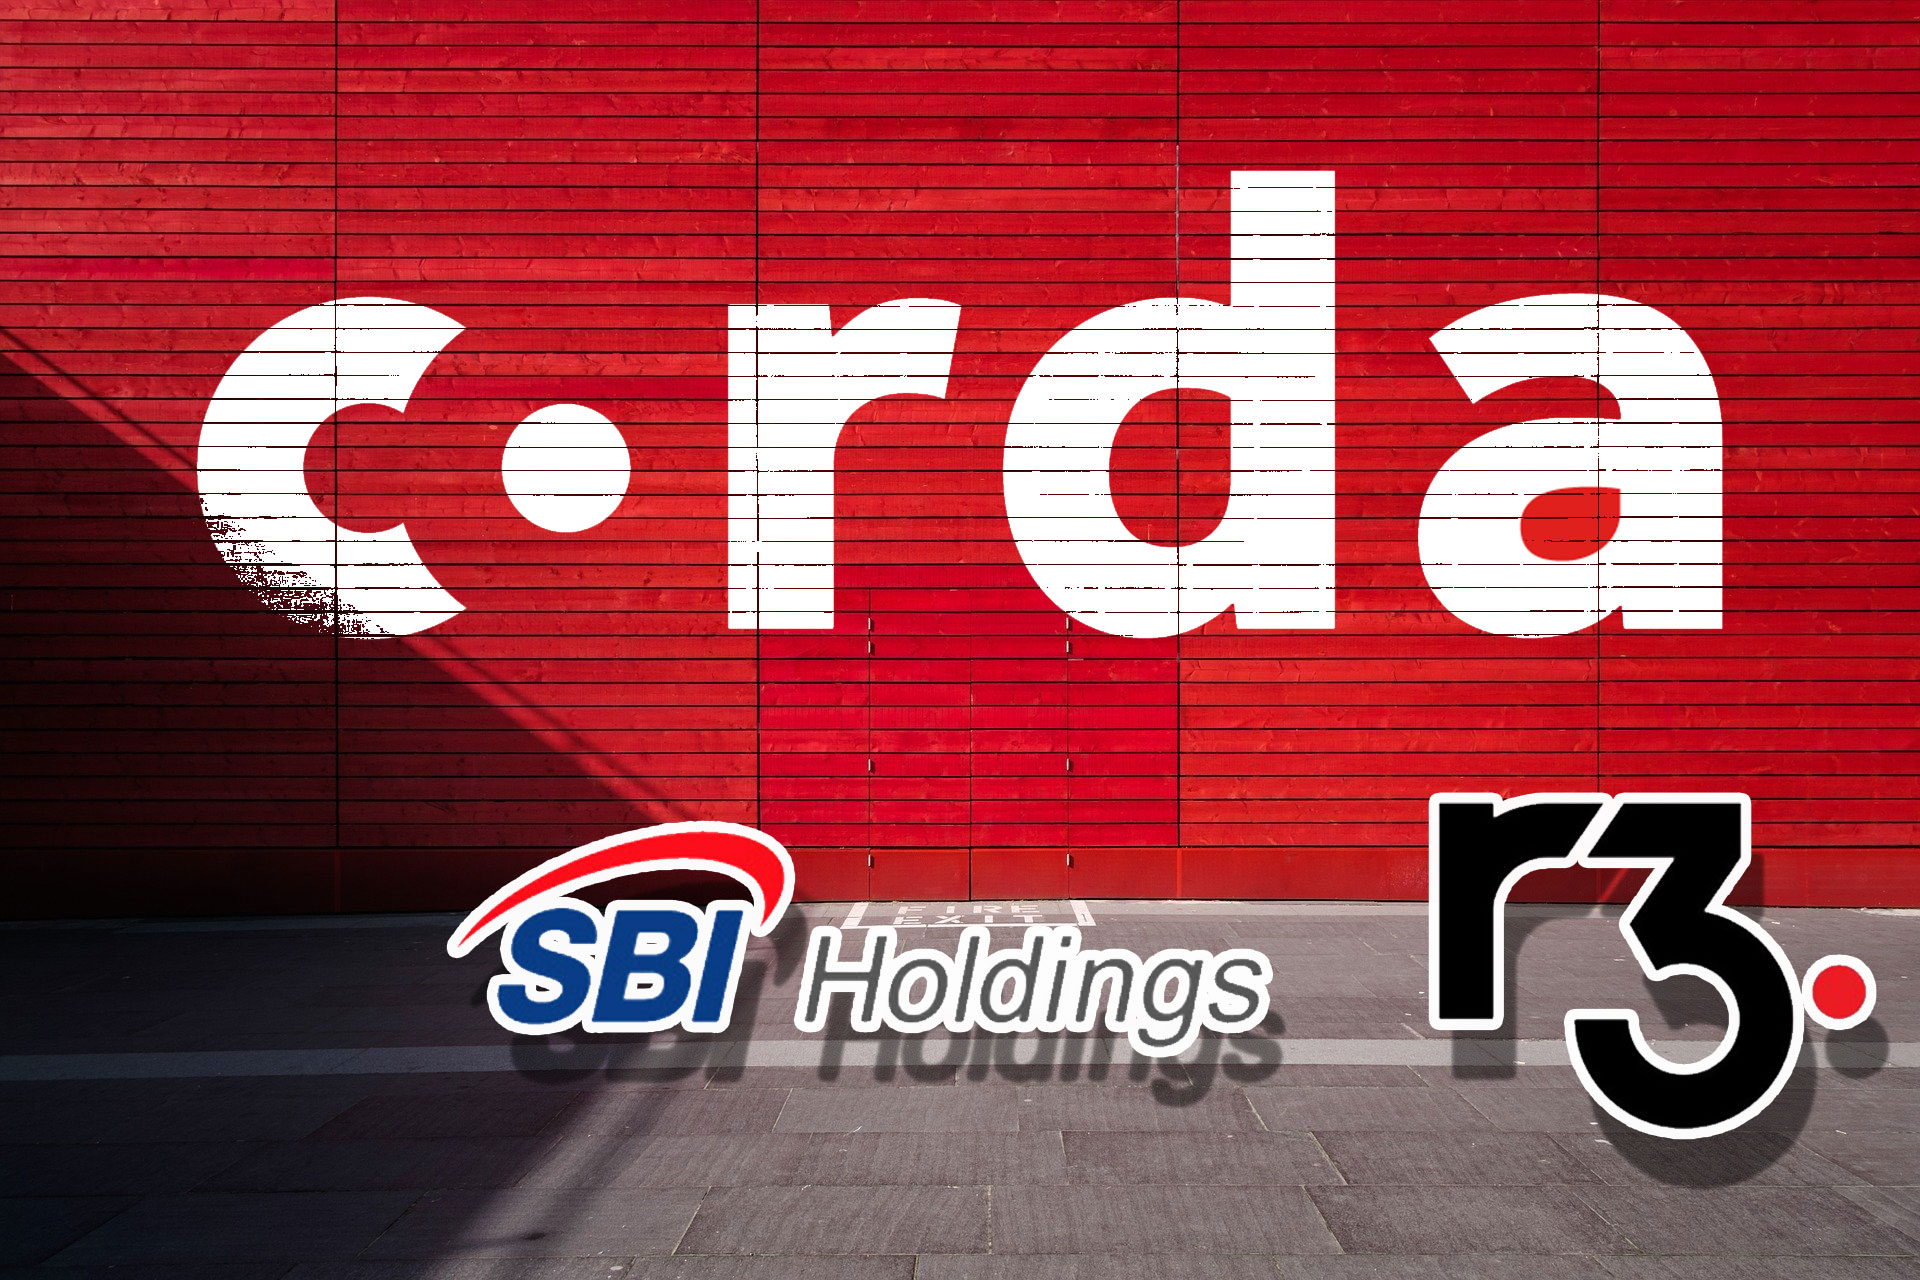 SBIホールディングス、外国為替証拠金取引にブロックチェーン技術「Corda」を導入